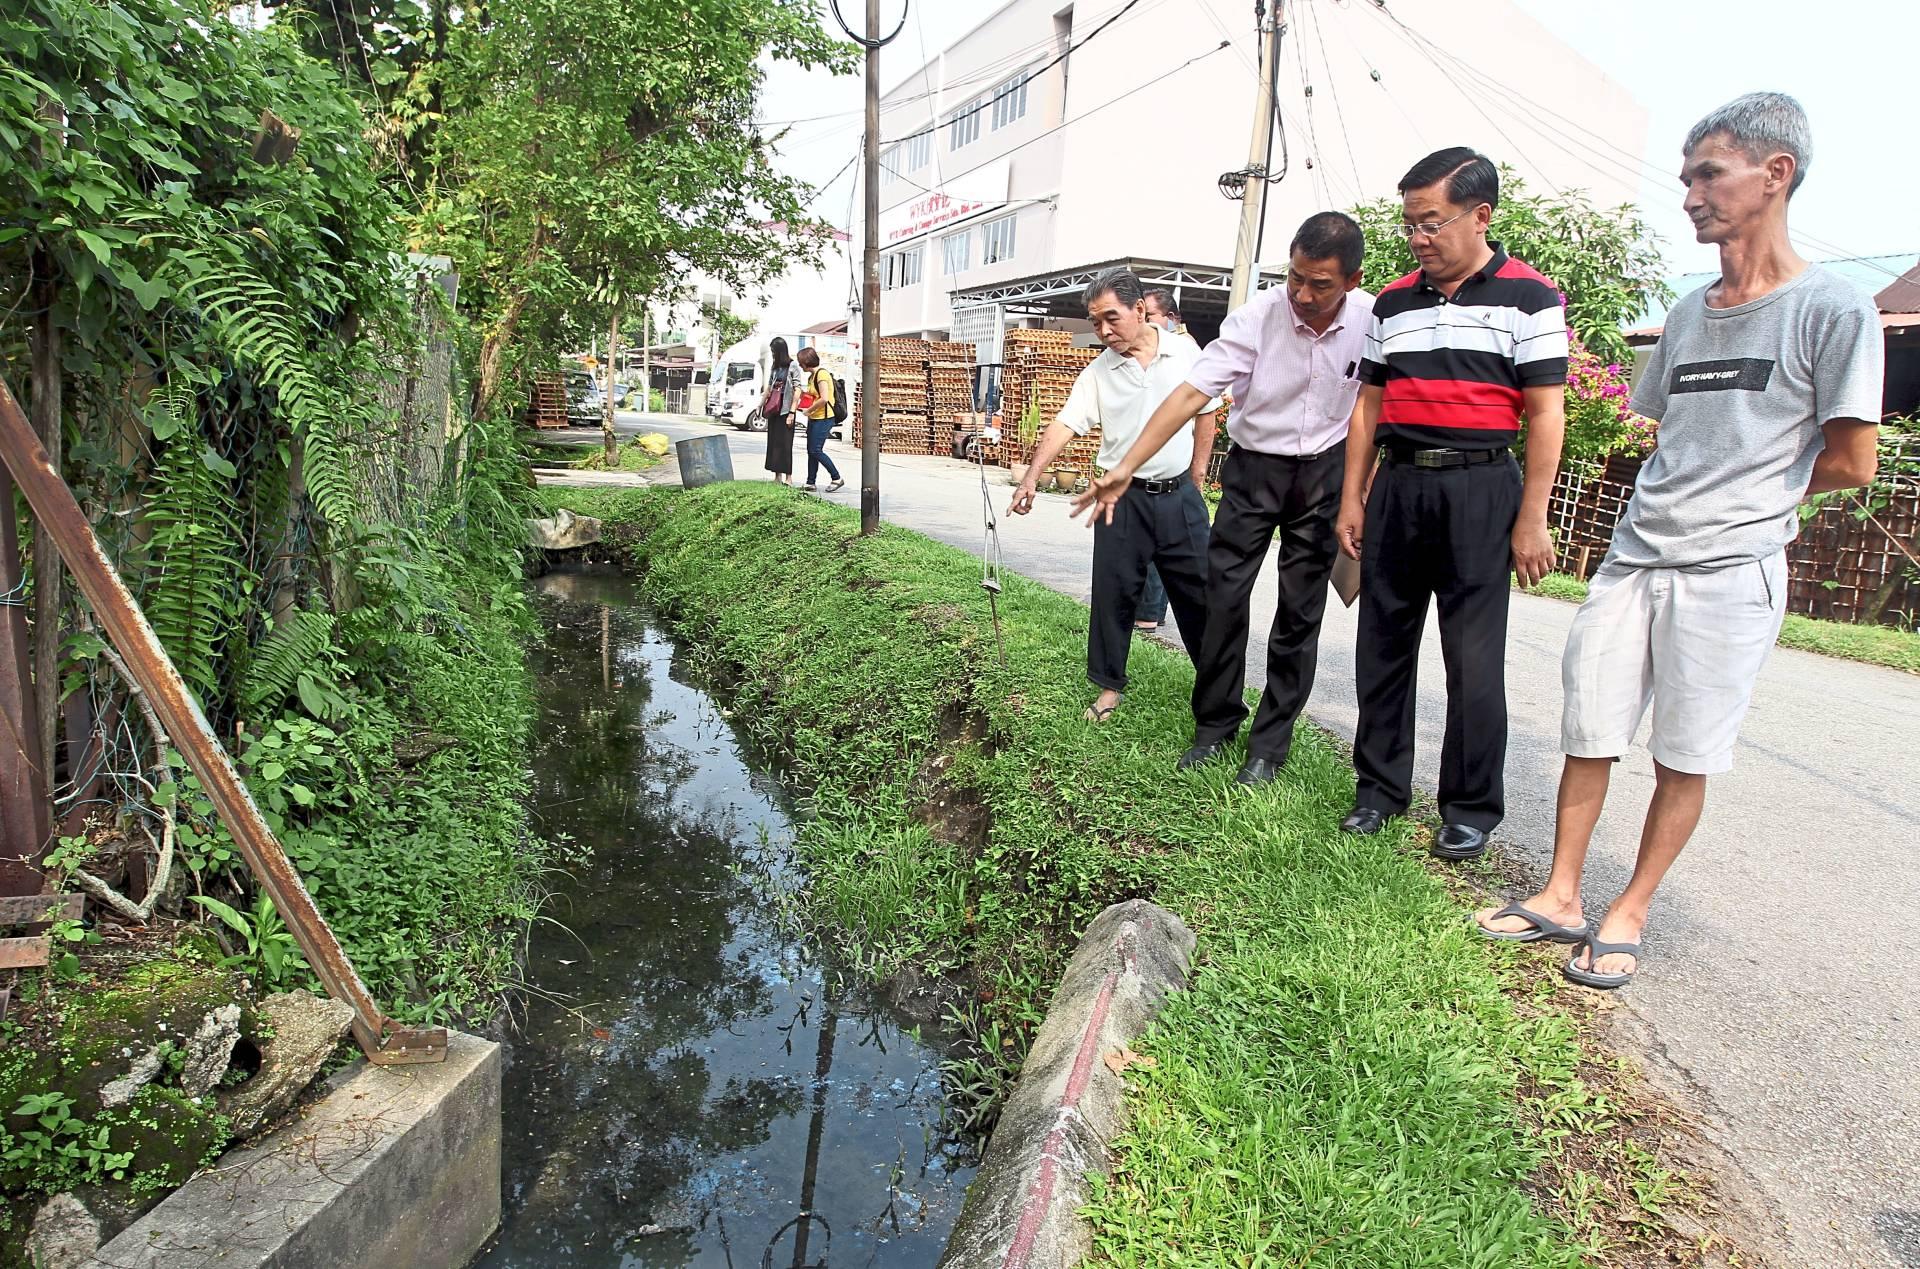 (From right) Ng, Wong, Tho and Yee showing the clogged drain along Jalan Jambu Air Laut.